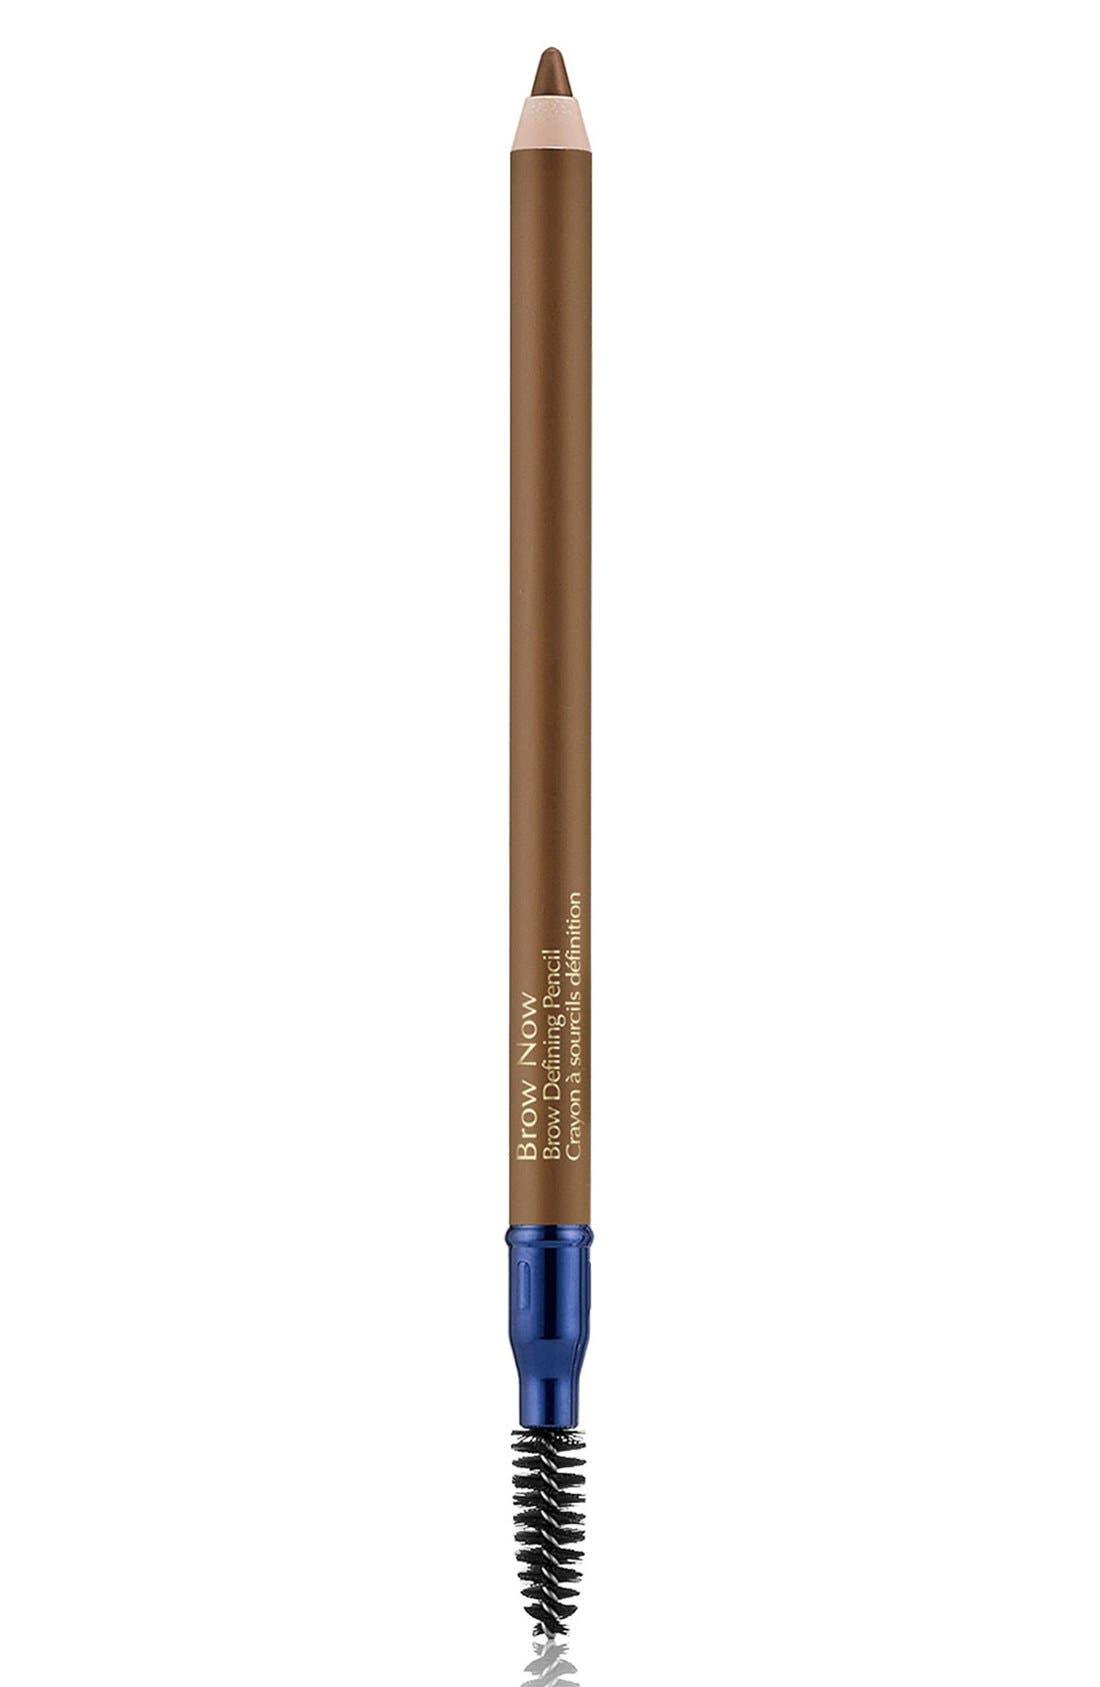 Estee Lauder Brow Now Brow Defining Pencil - Brunette